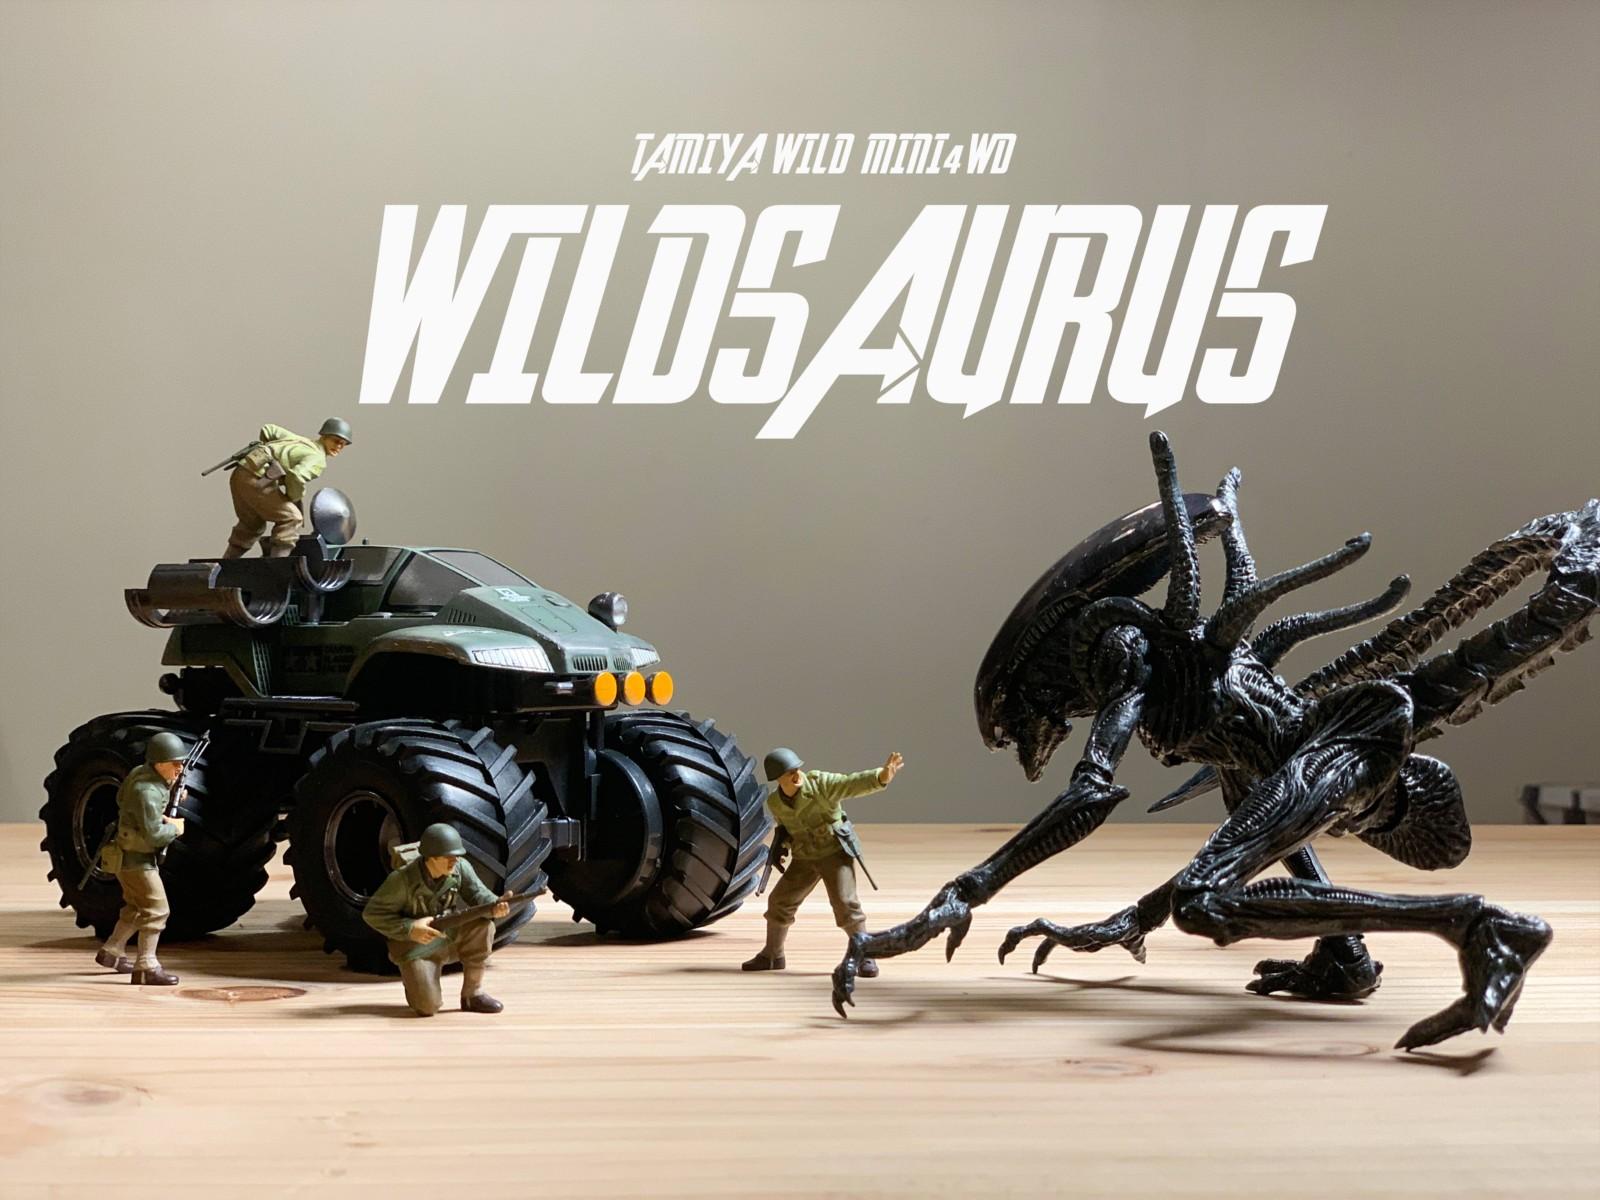 ワイルドザウルスのタイトル画像